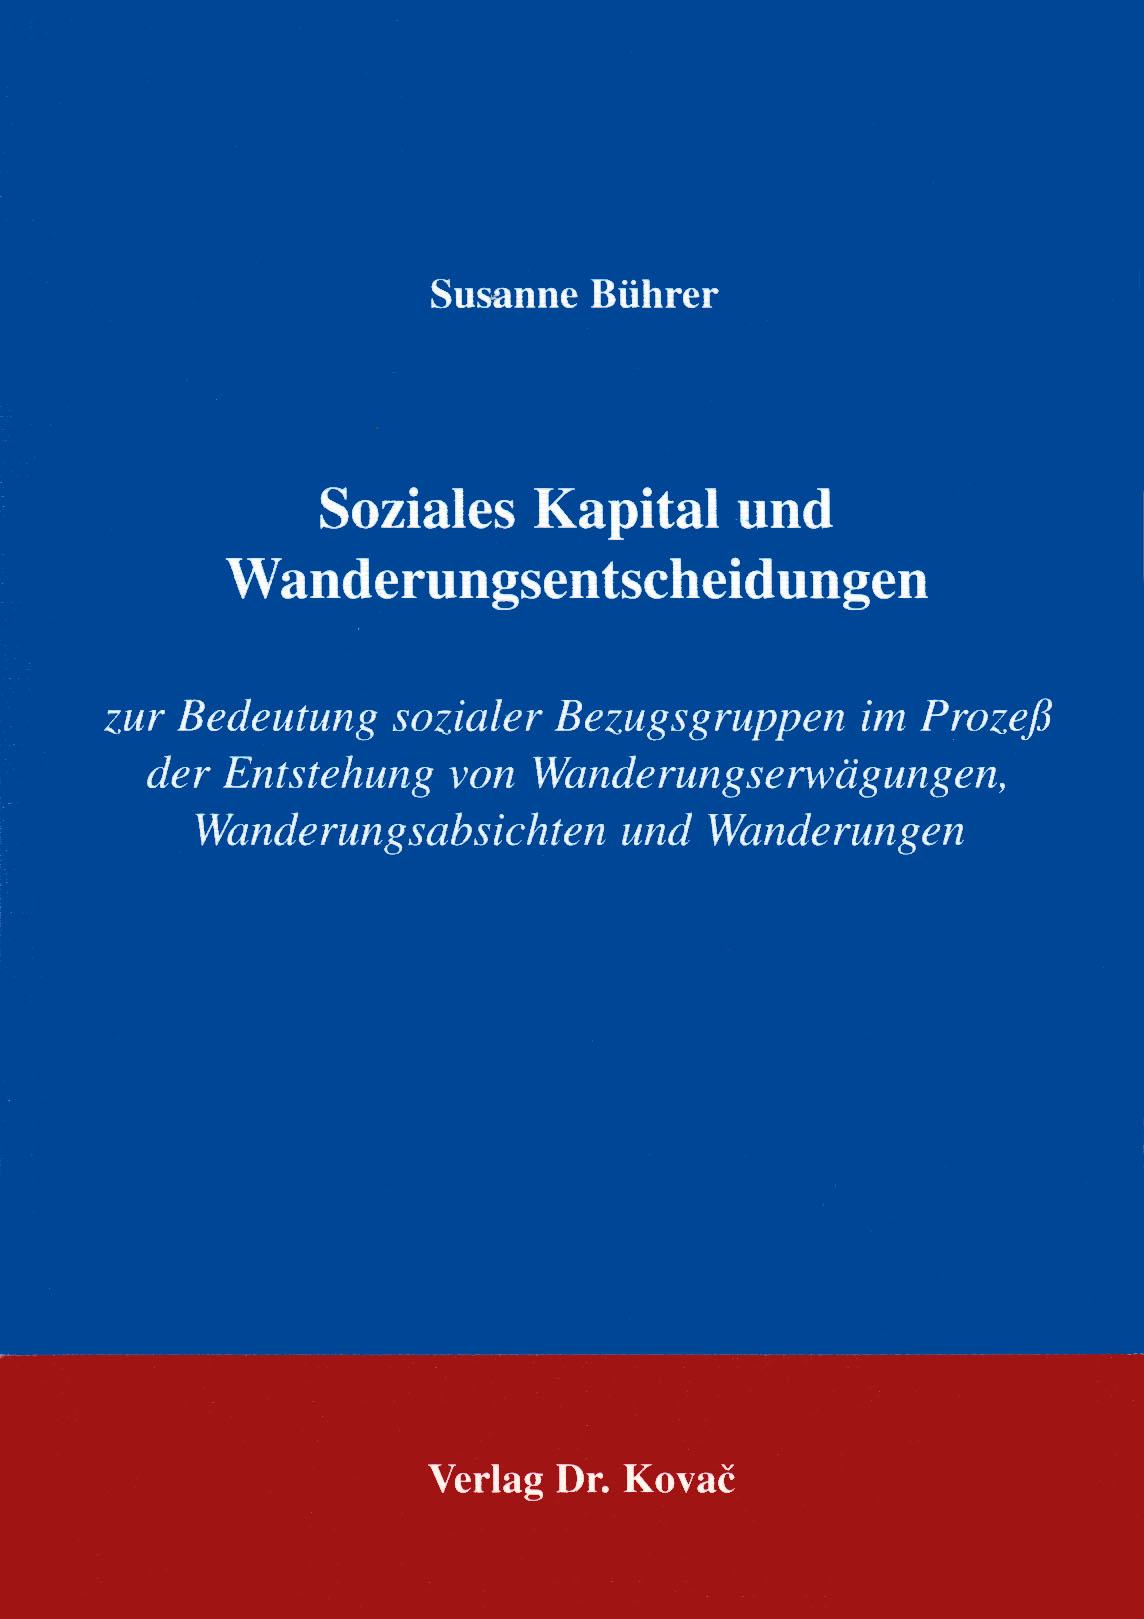 Cover: Soziales Kapital und Wanderungsentscheidungen